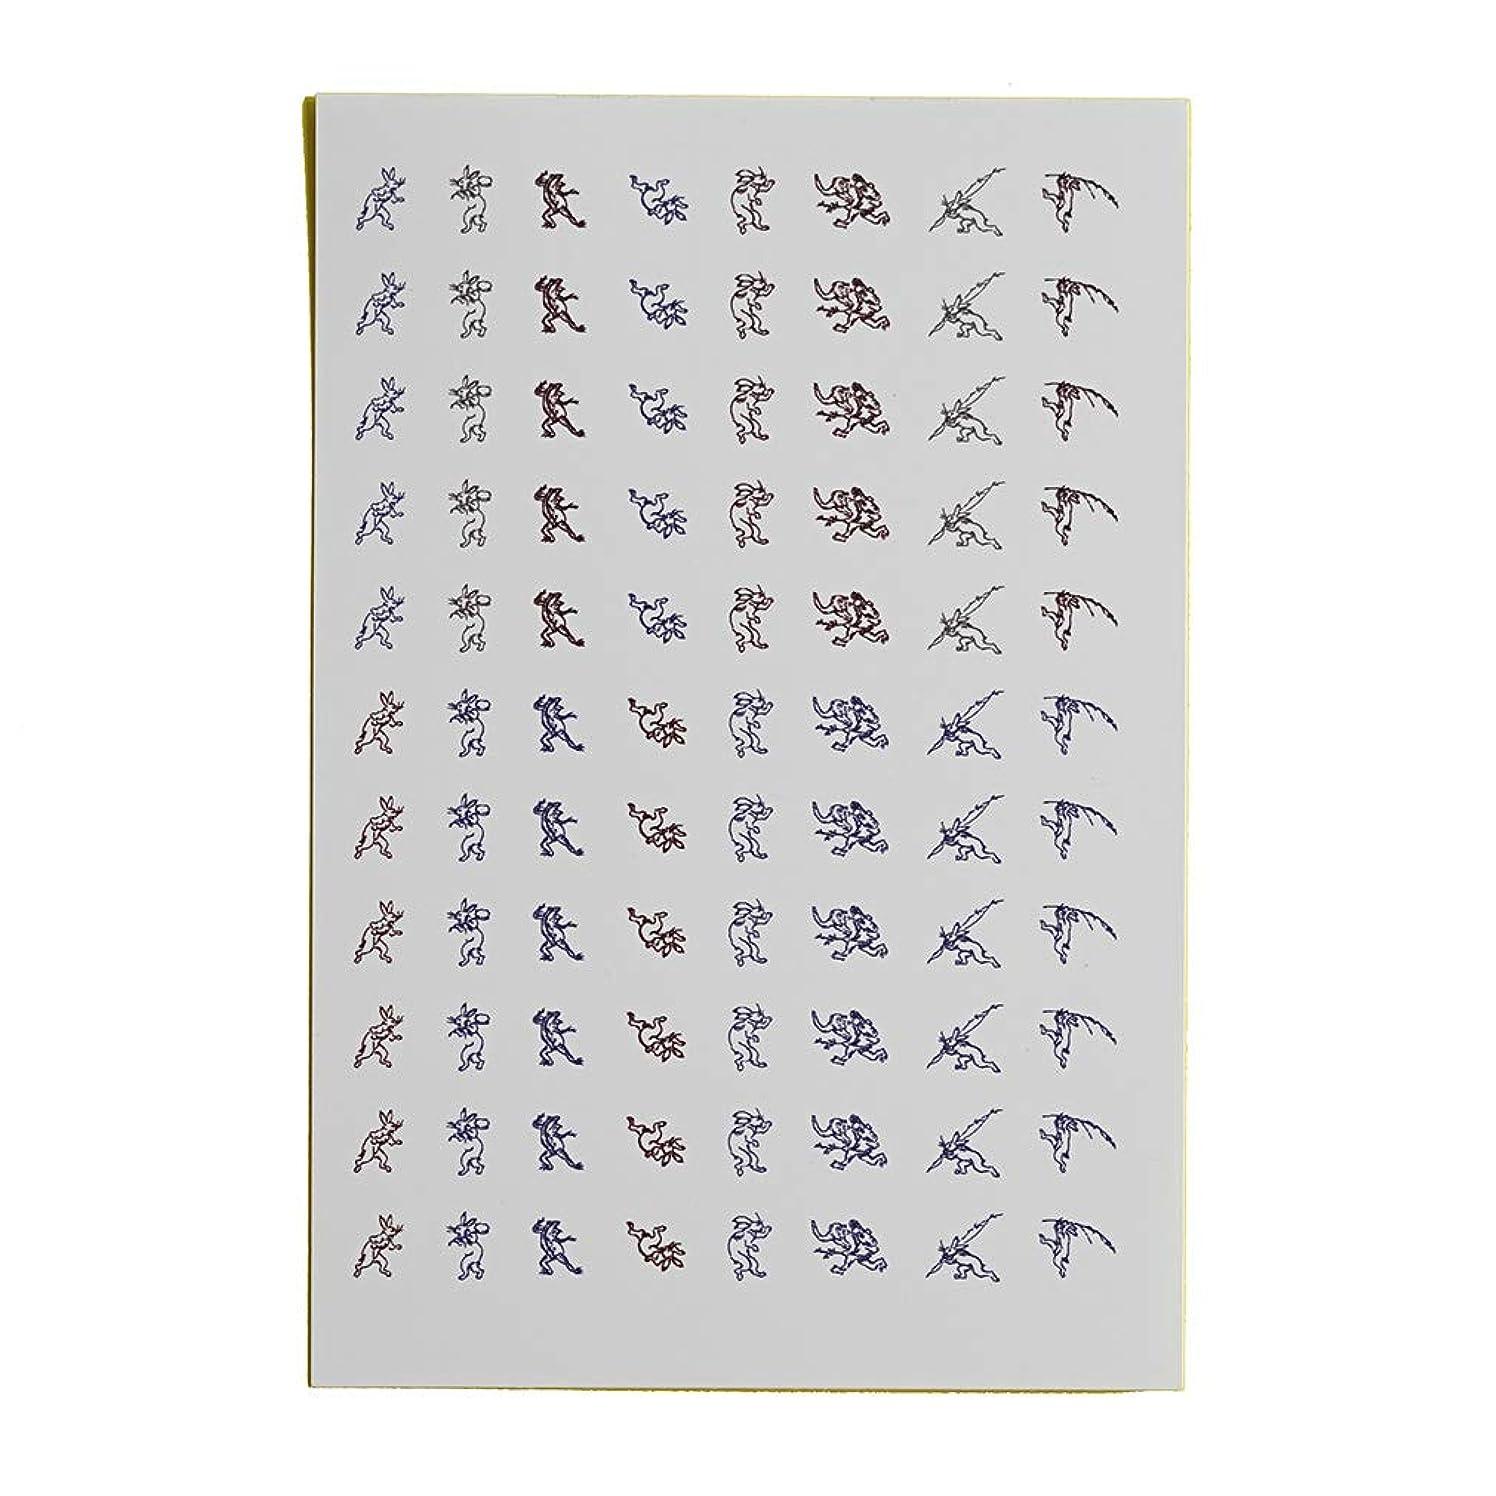 慎重素晴らしい良い多くのインストラクター「鳥獣戯画」 ネイルシール